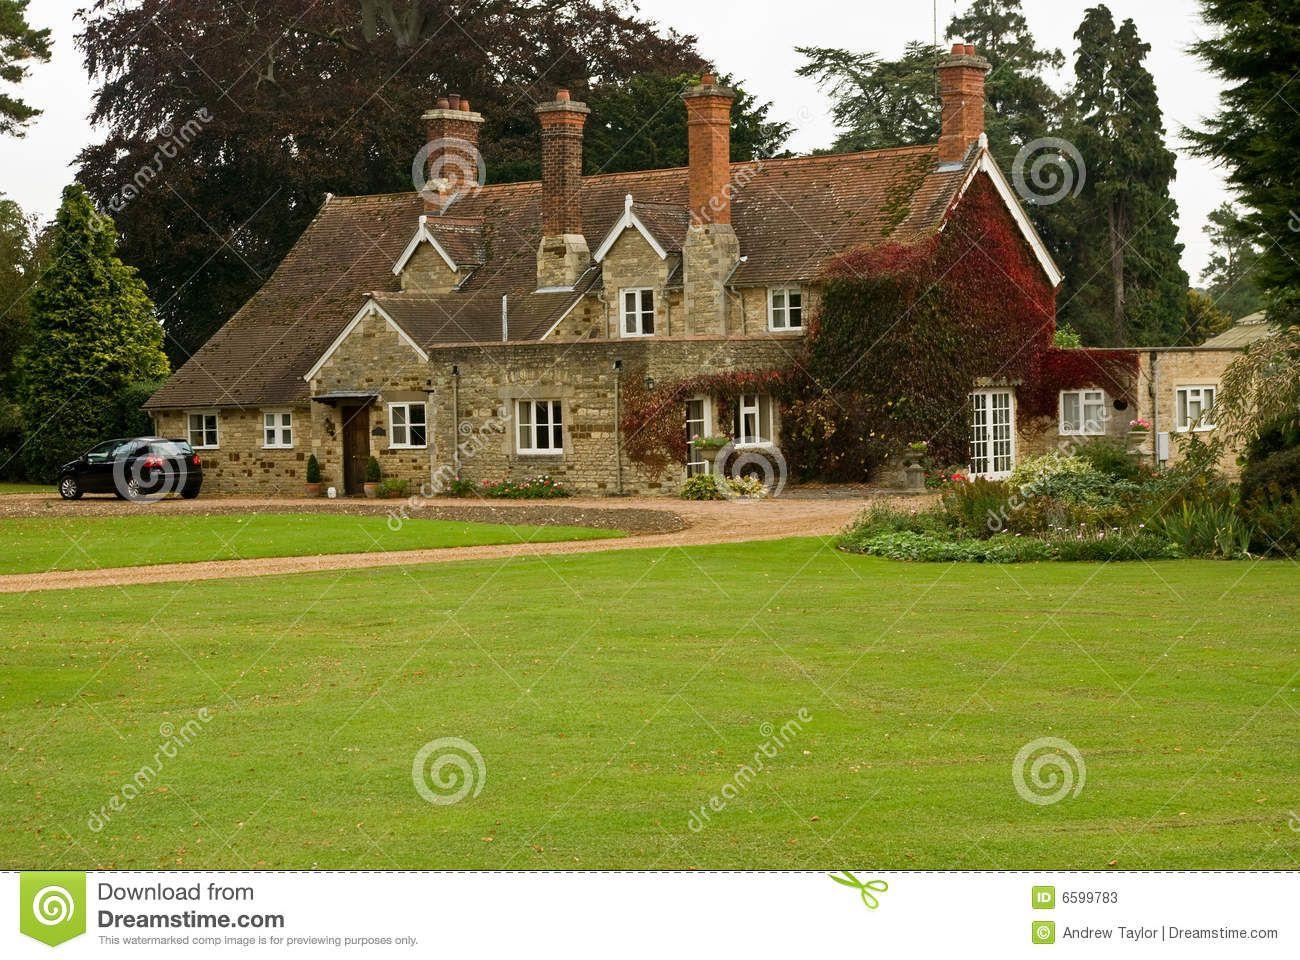 Englisches landhaus fertighaus  ein-anderes-englisches-landhaus-6599783.jpg (1300×960) | Englische ...